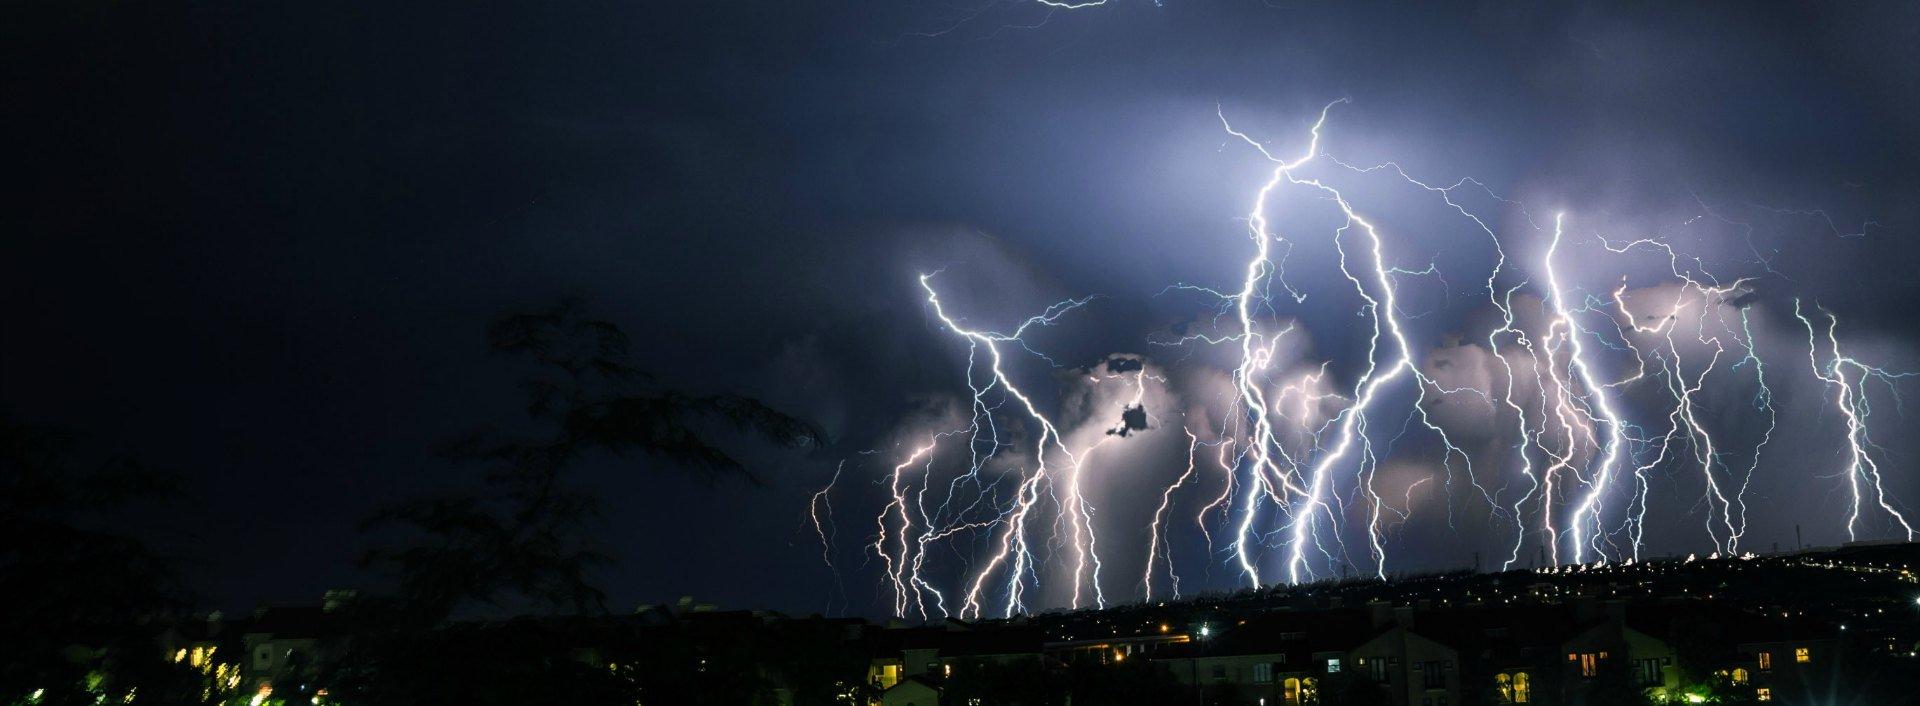 Blitzschlag während eines Gewitters (thunder storm) und andere Wetterwörter auf Englisch.